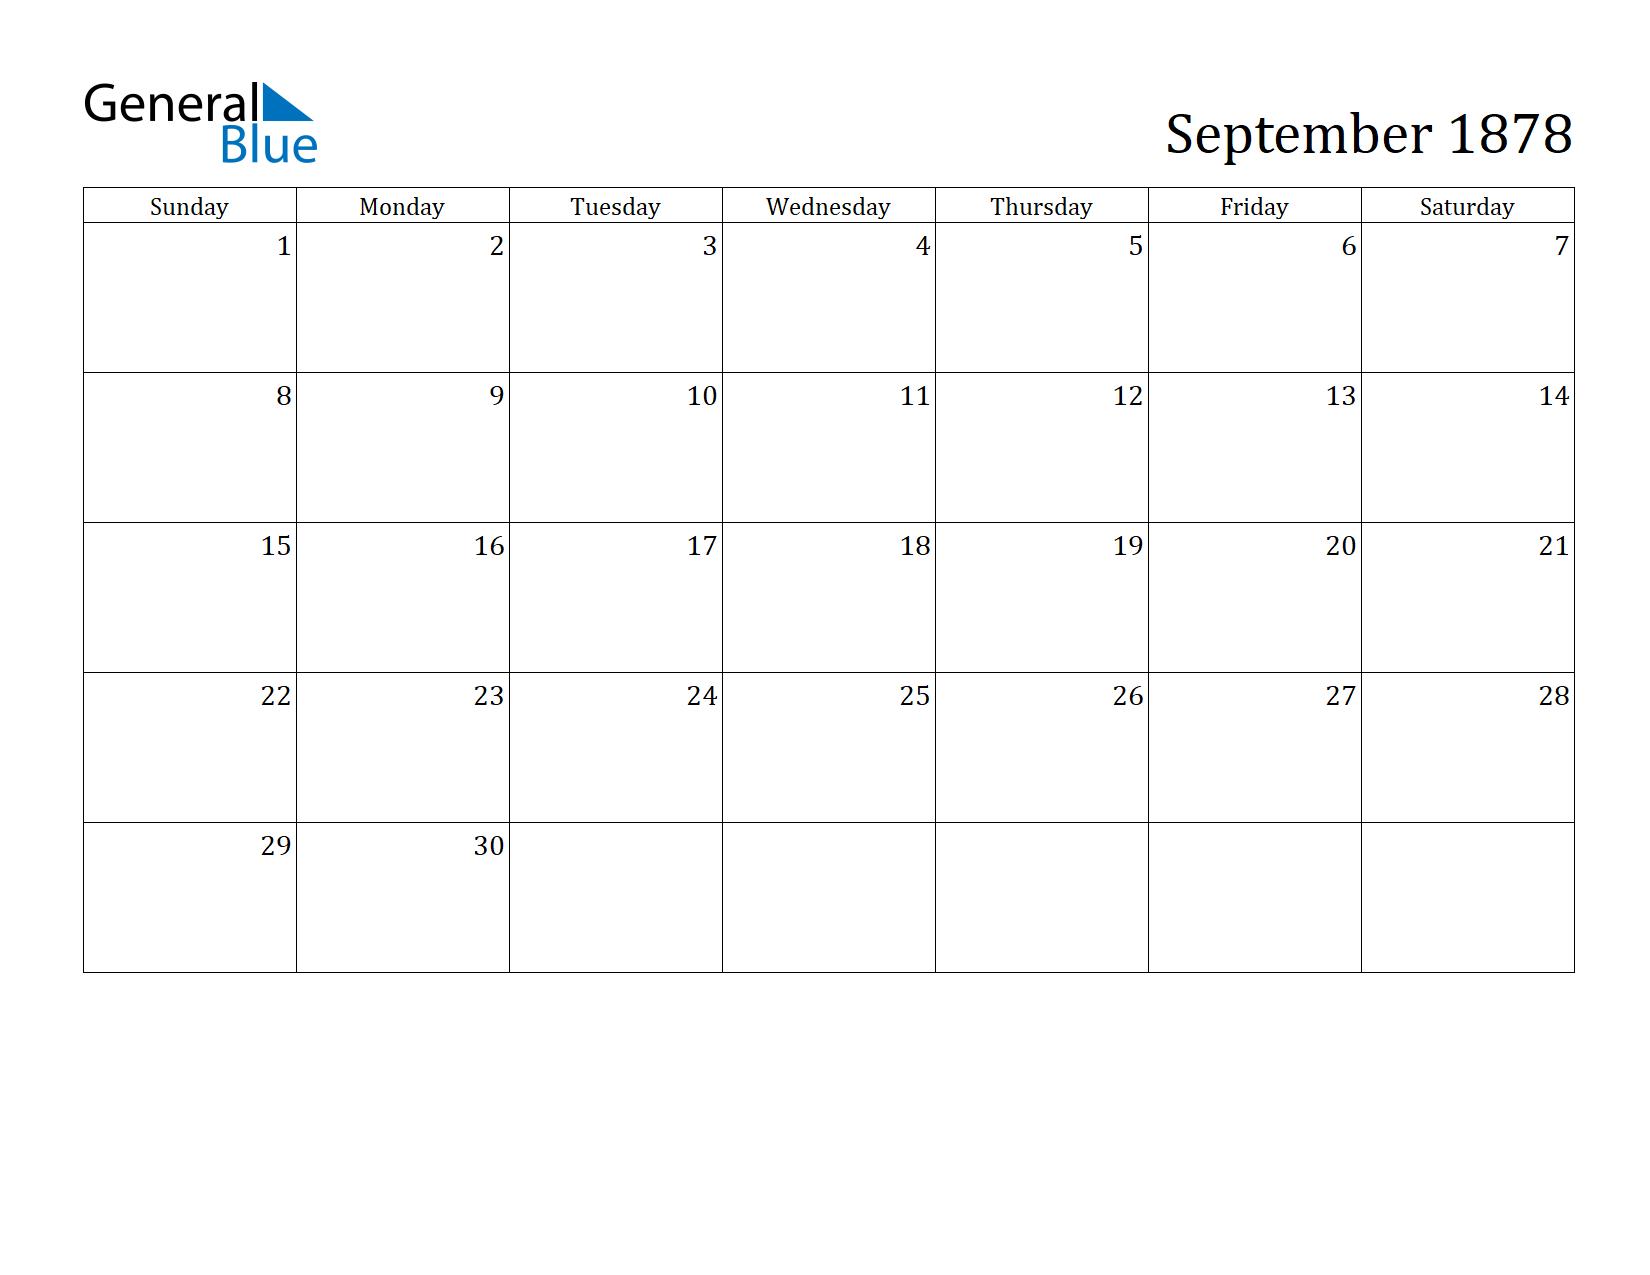 Image of September 1878 Calendar